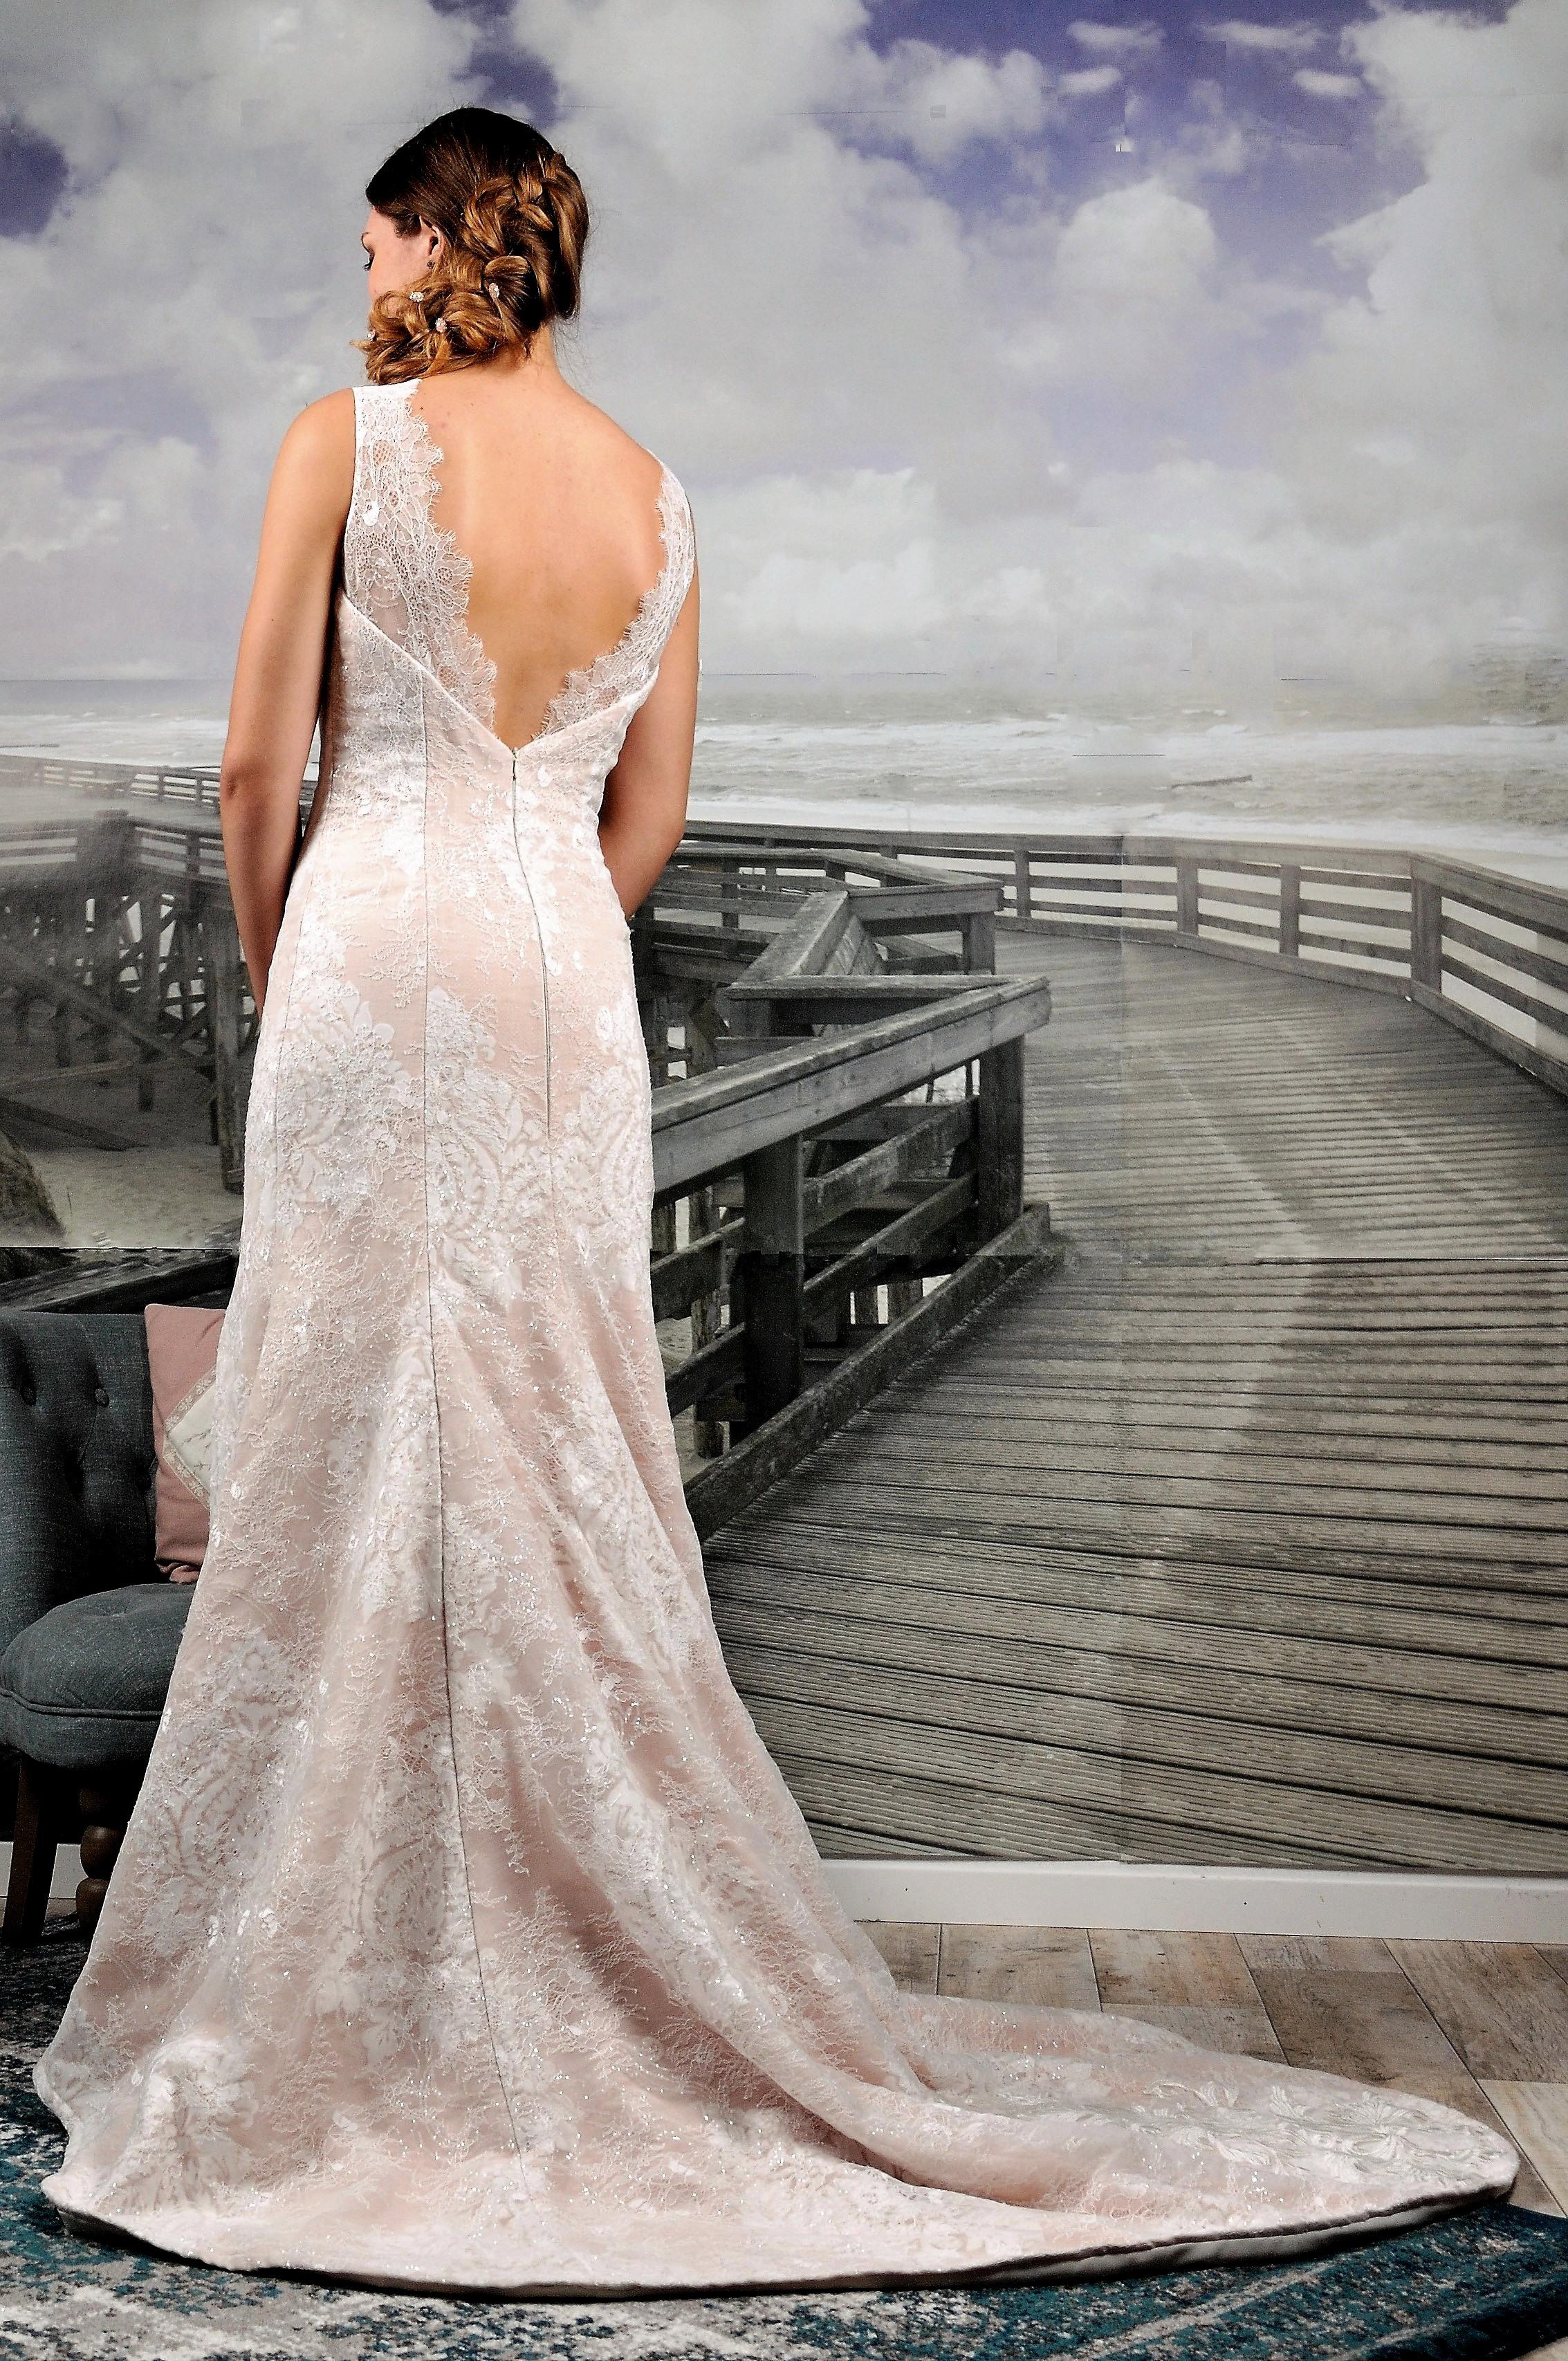 Robe de mariée à domicile -MELISSA - Robe rose avec dentelle blanche - Cholet - Boutique de mariage 49 - vente à domicile 49, location robe de mariée 49, robe de mariée pas cher, Créatrice 49